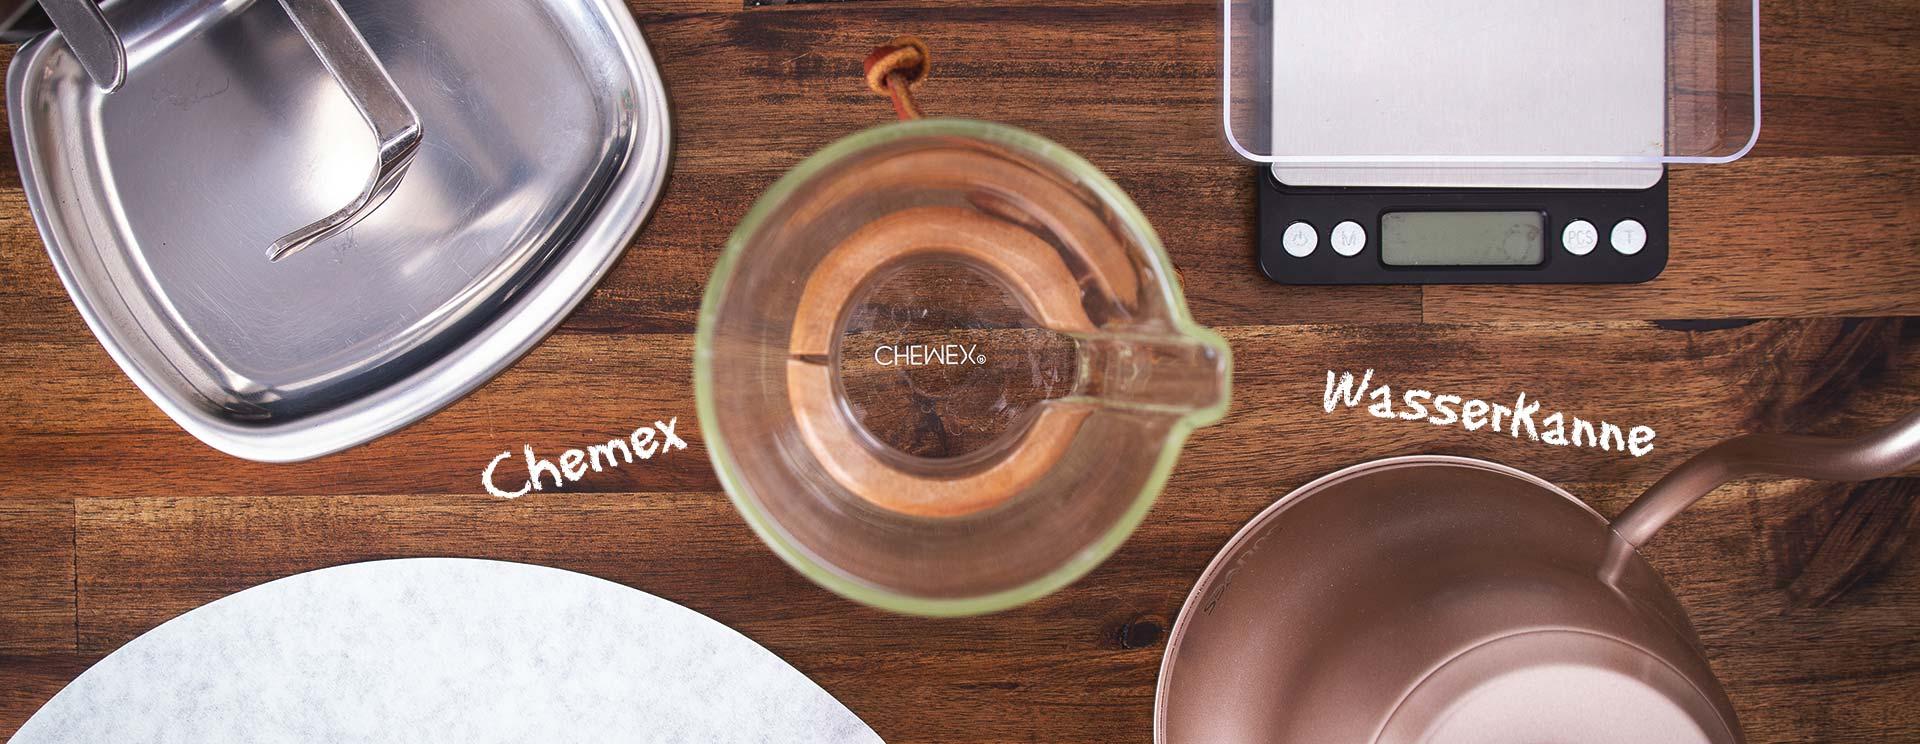 Kaufempfehlungen für Kaffeezubehör